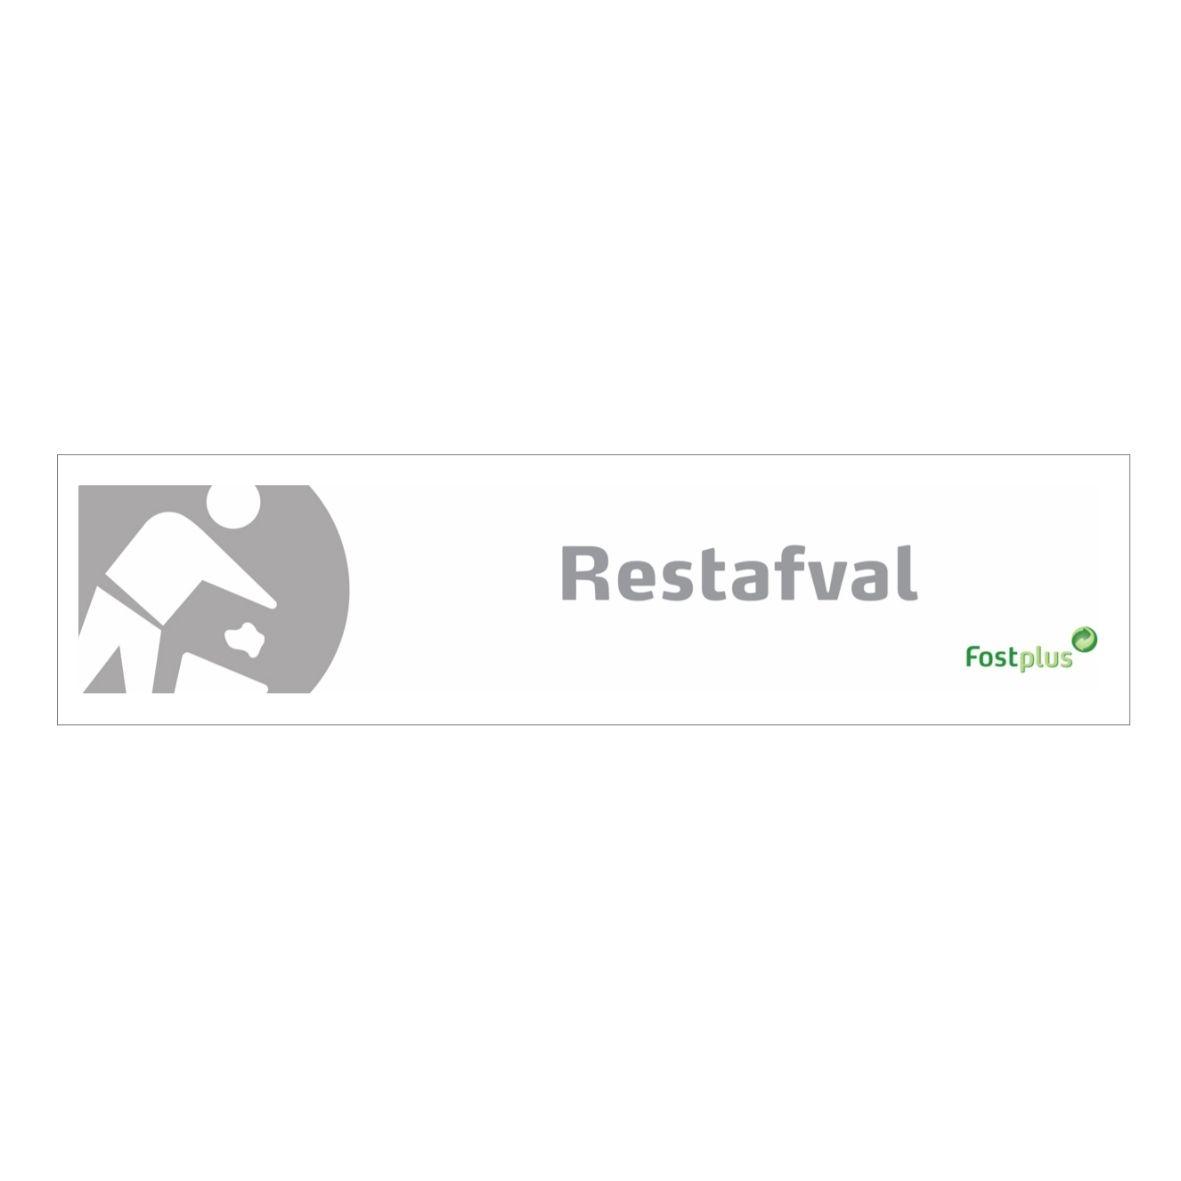 Rest Sticker 20x4 V1